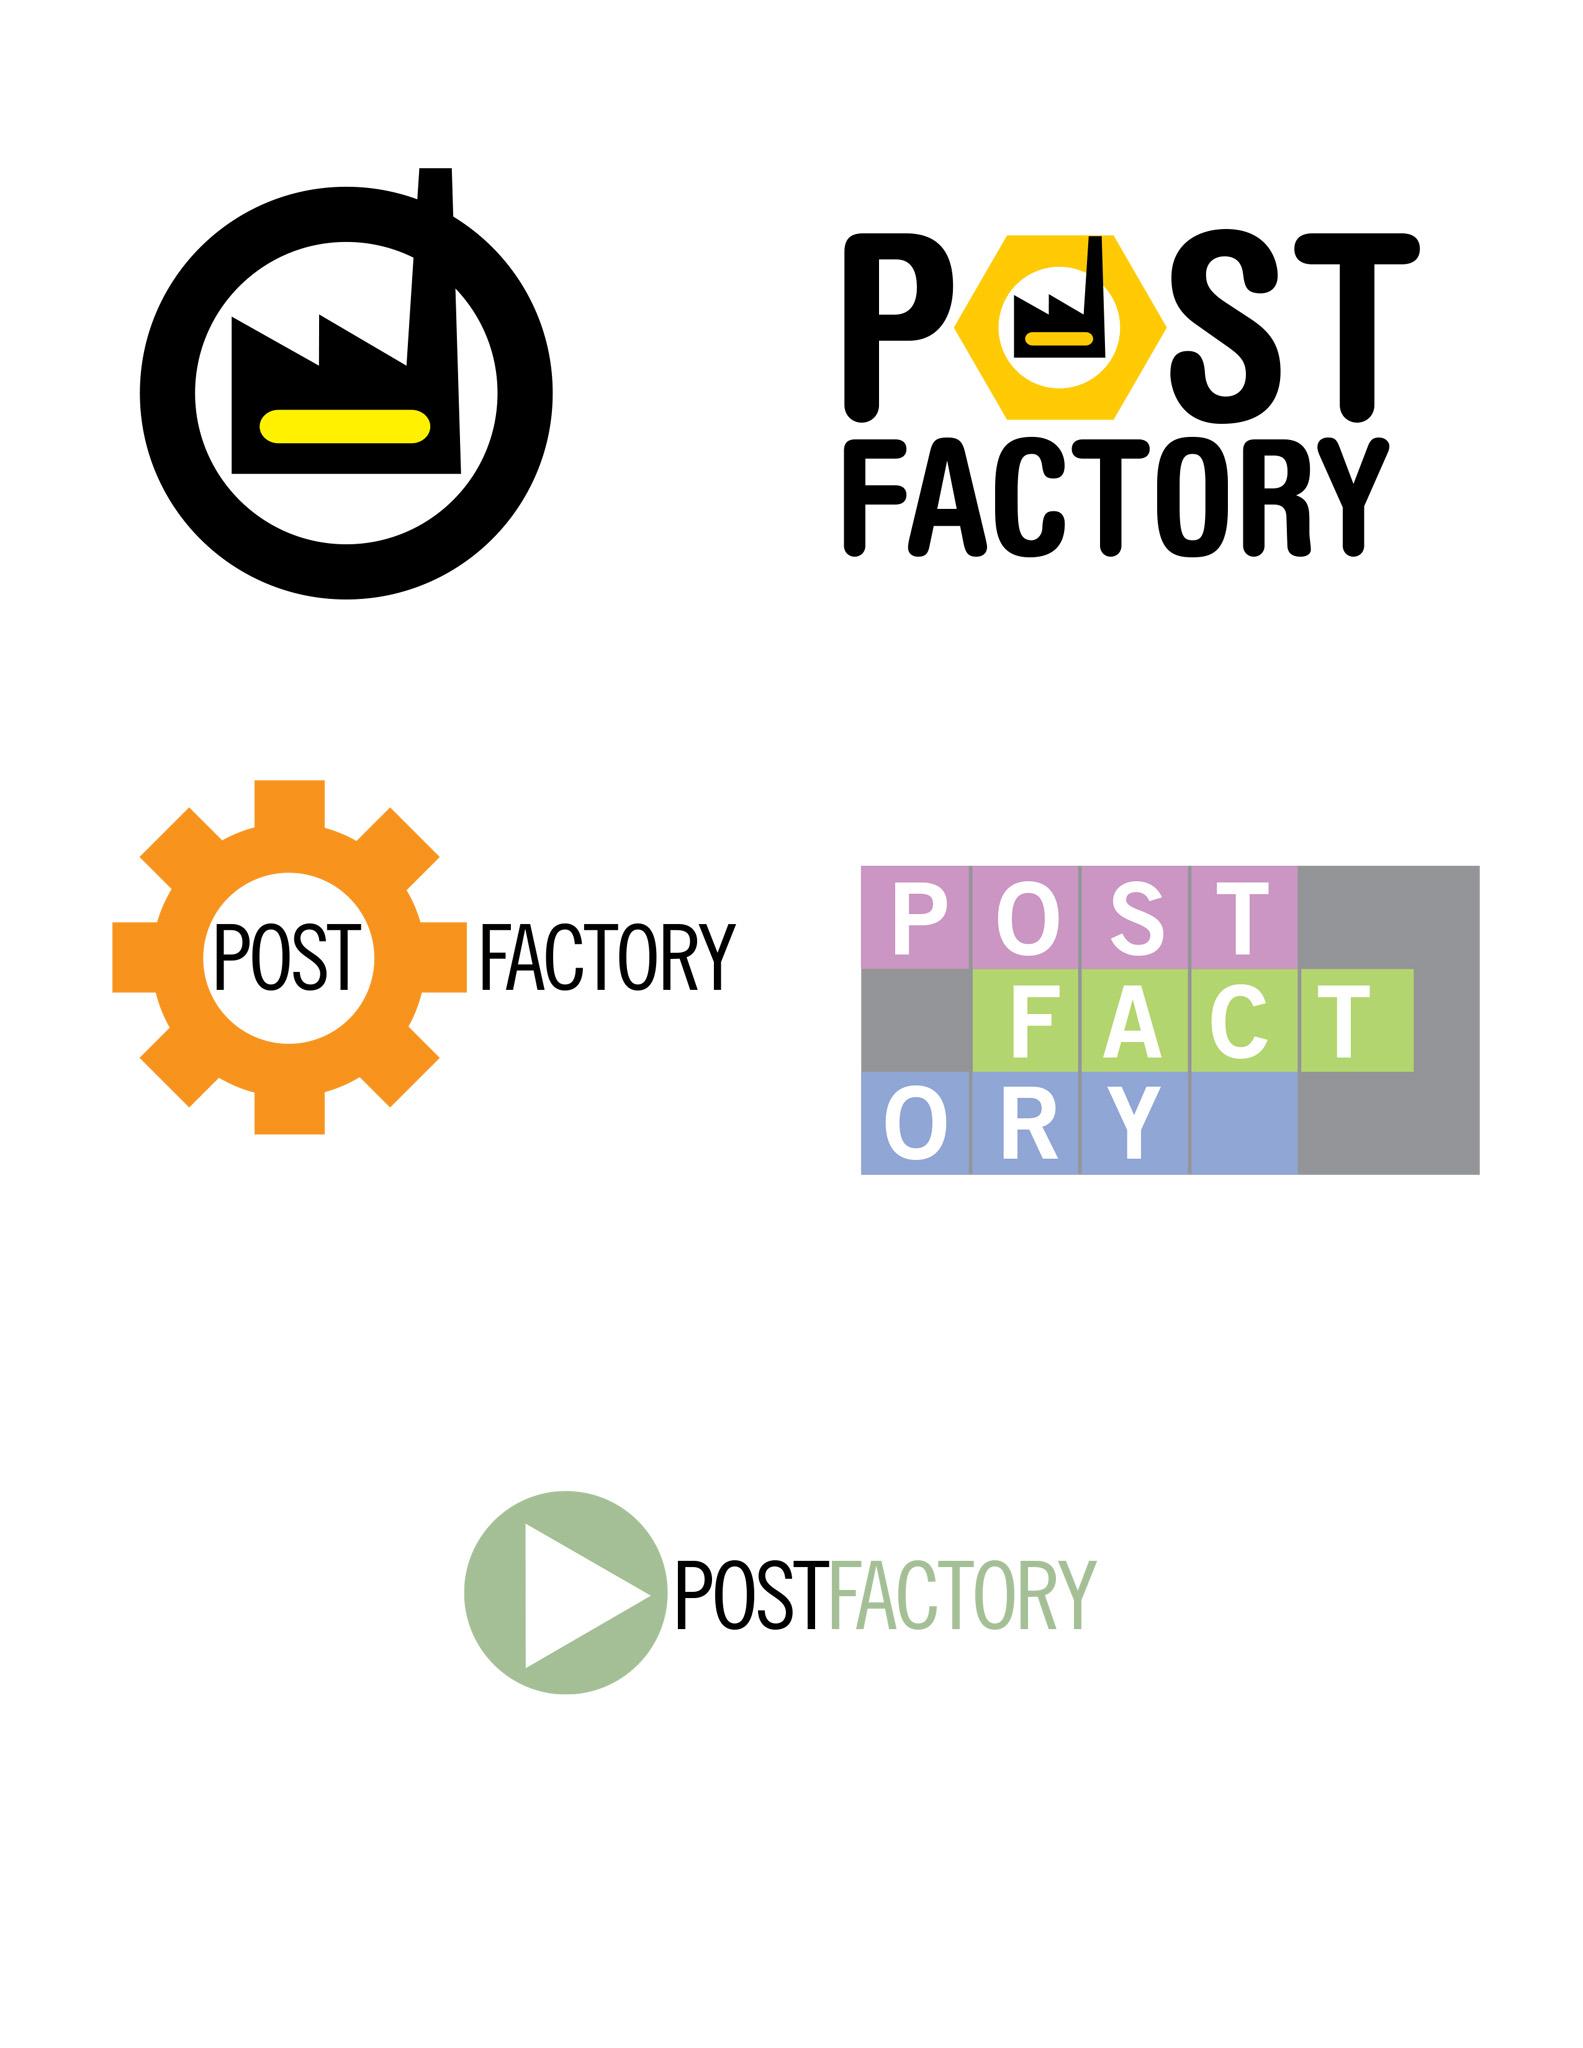 Post Factory_Rev 1.jpg